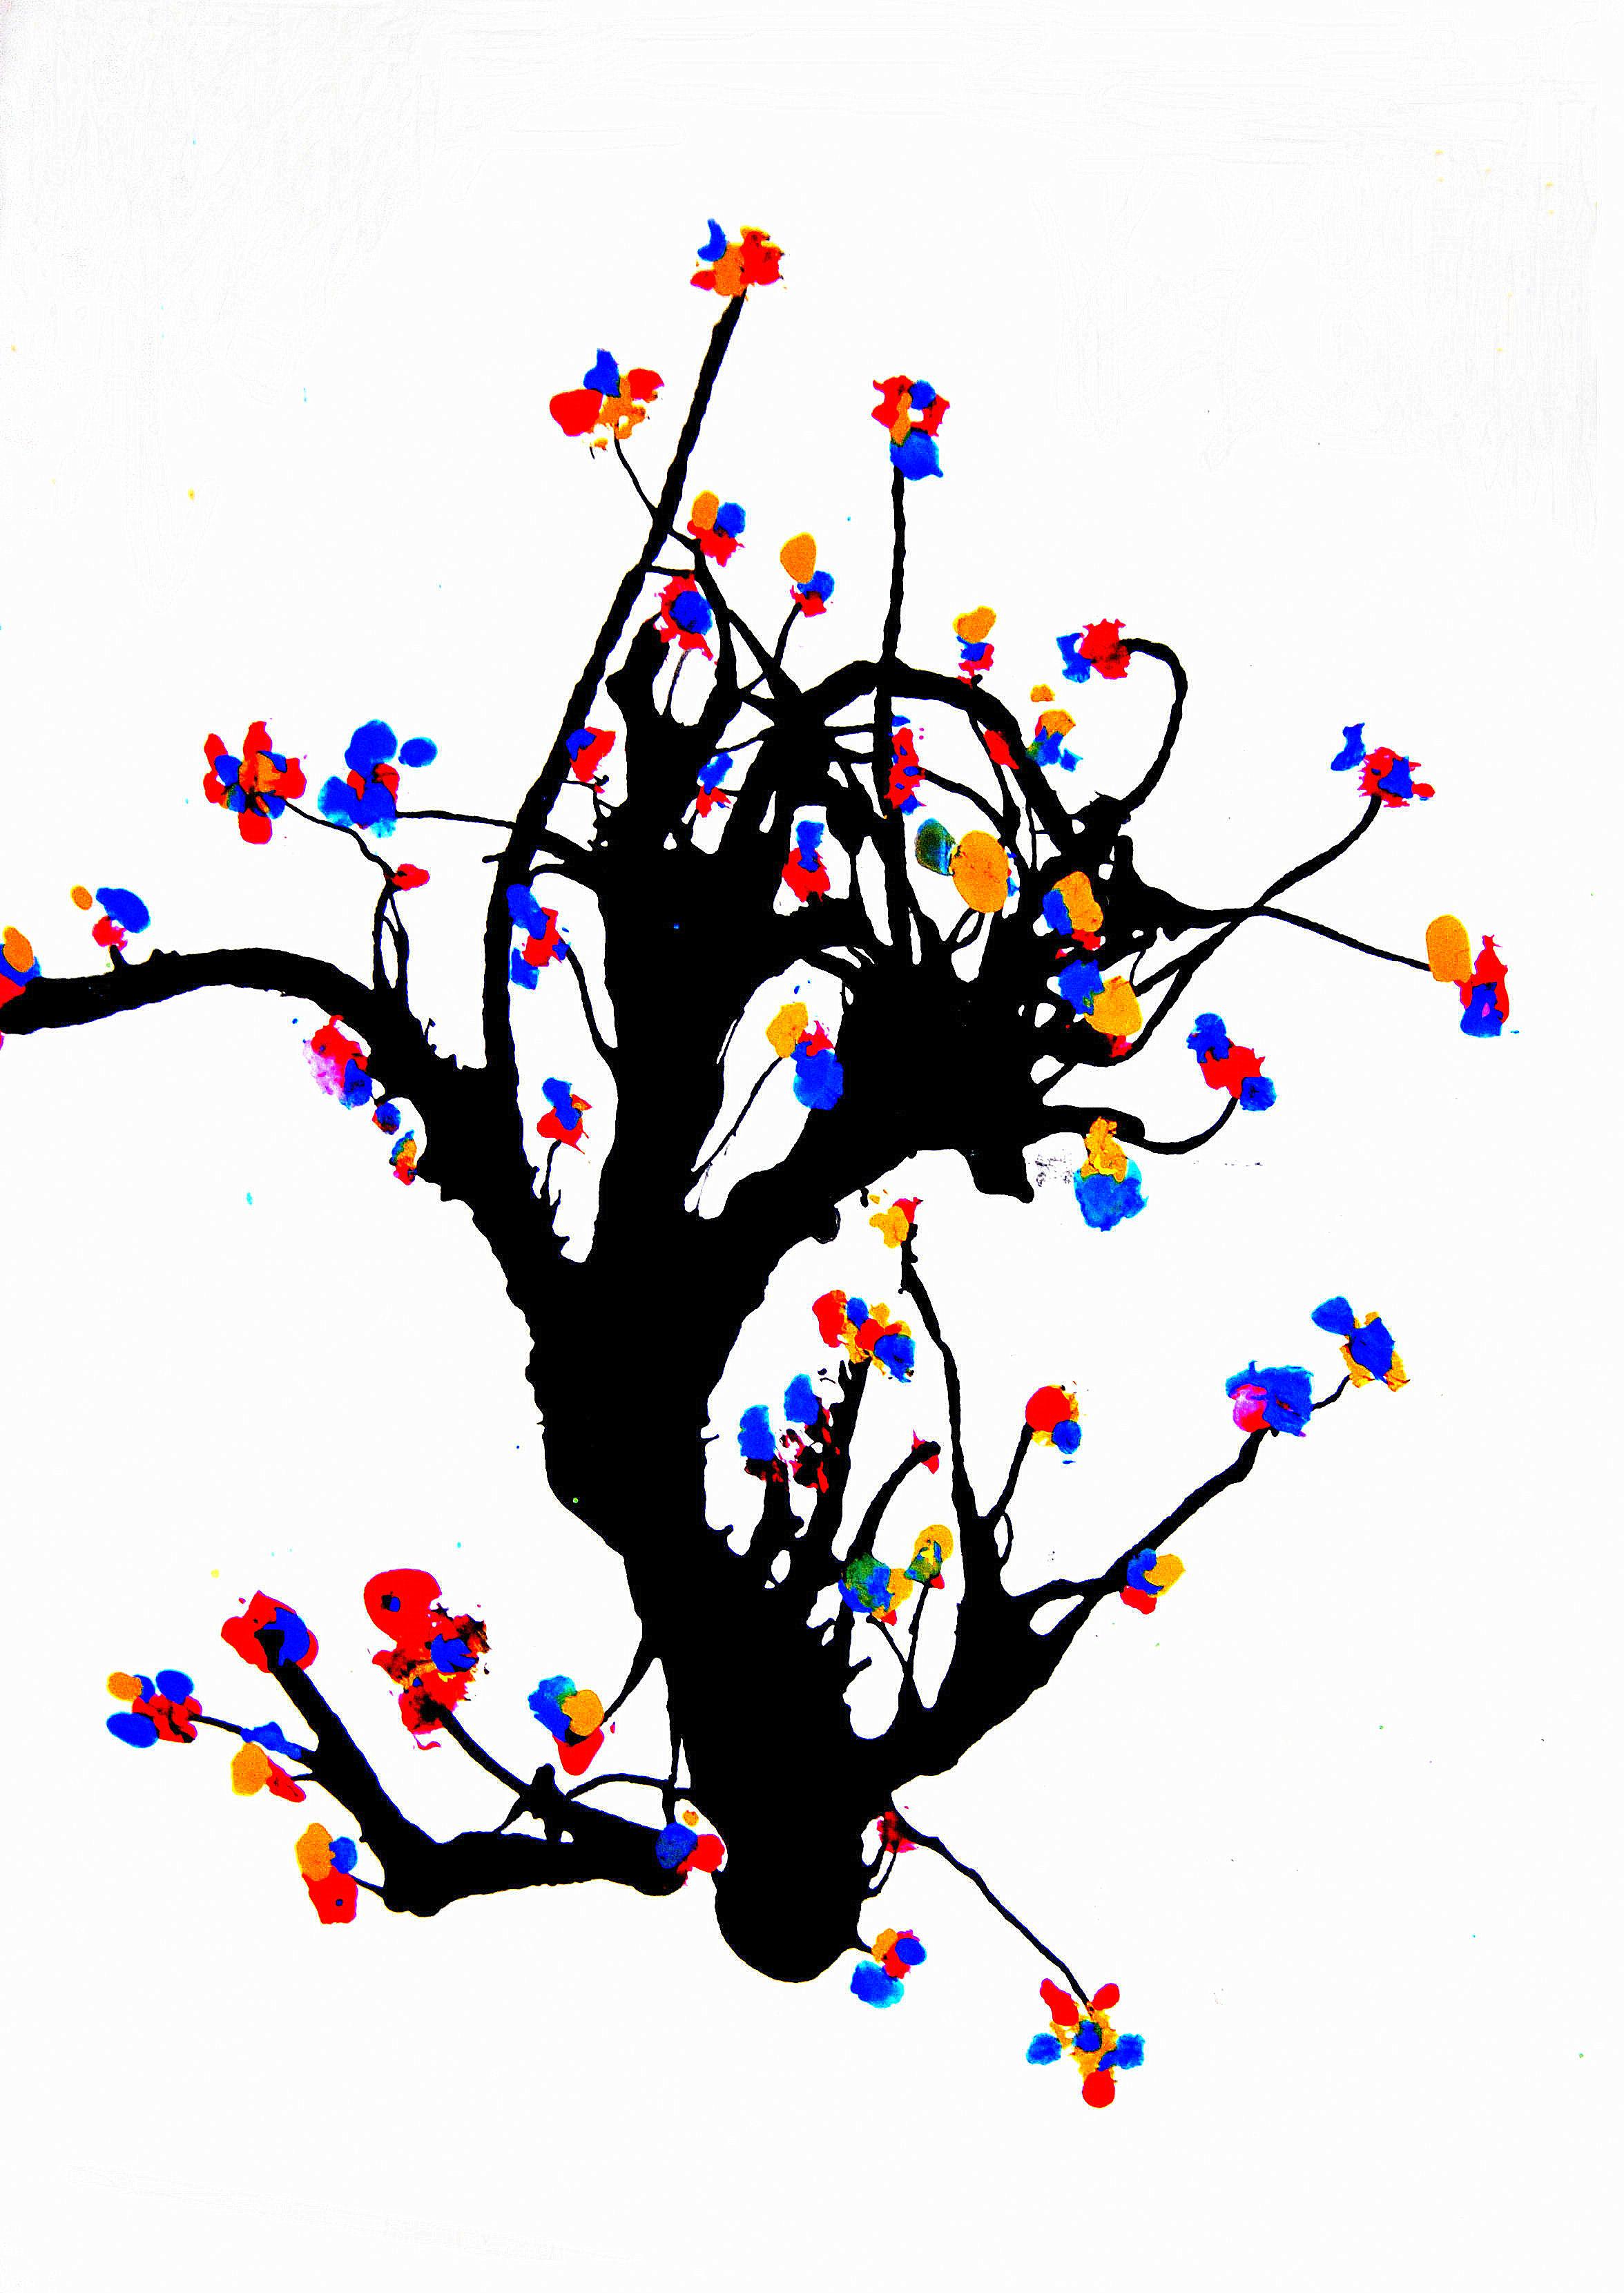 Magic Tree By Sadie 2016 COPYRIGHTED.jpg